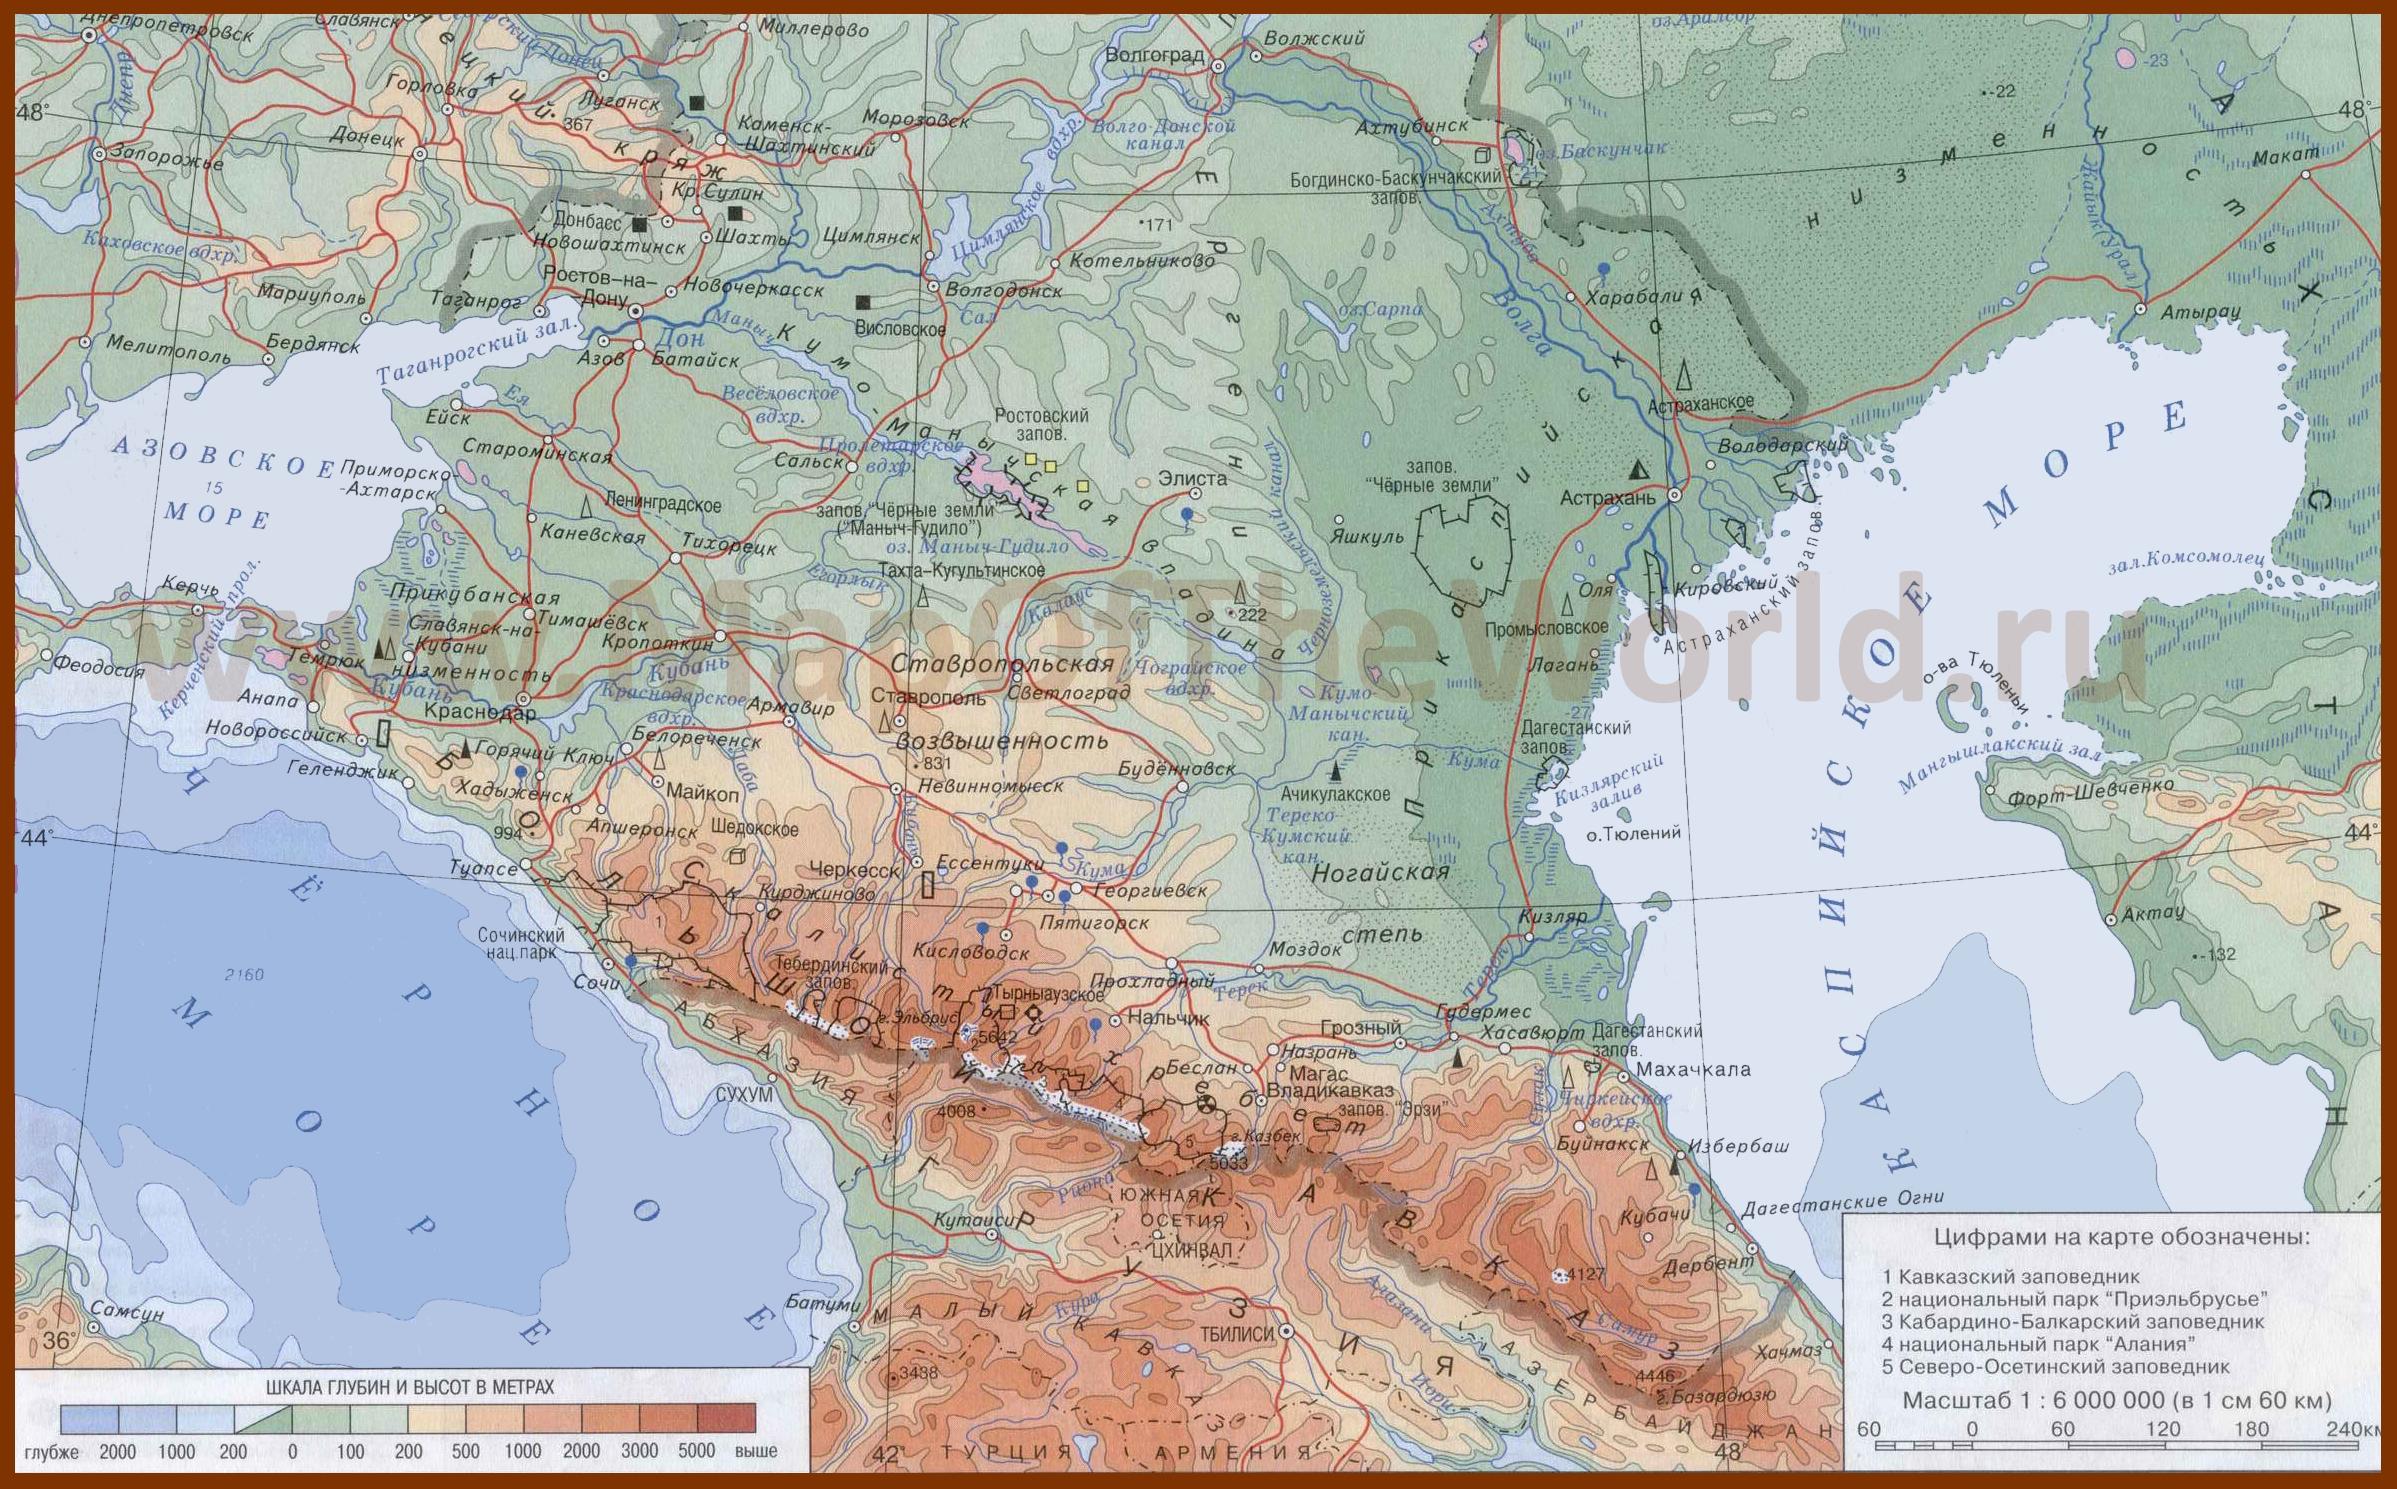 Физи�е�кая ка��а Кавказа